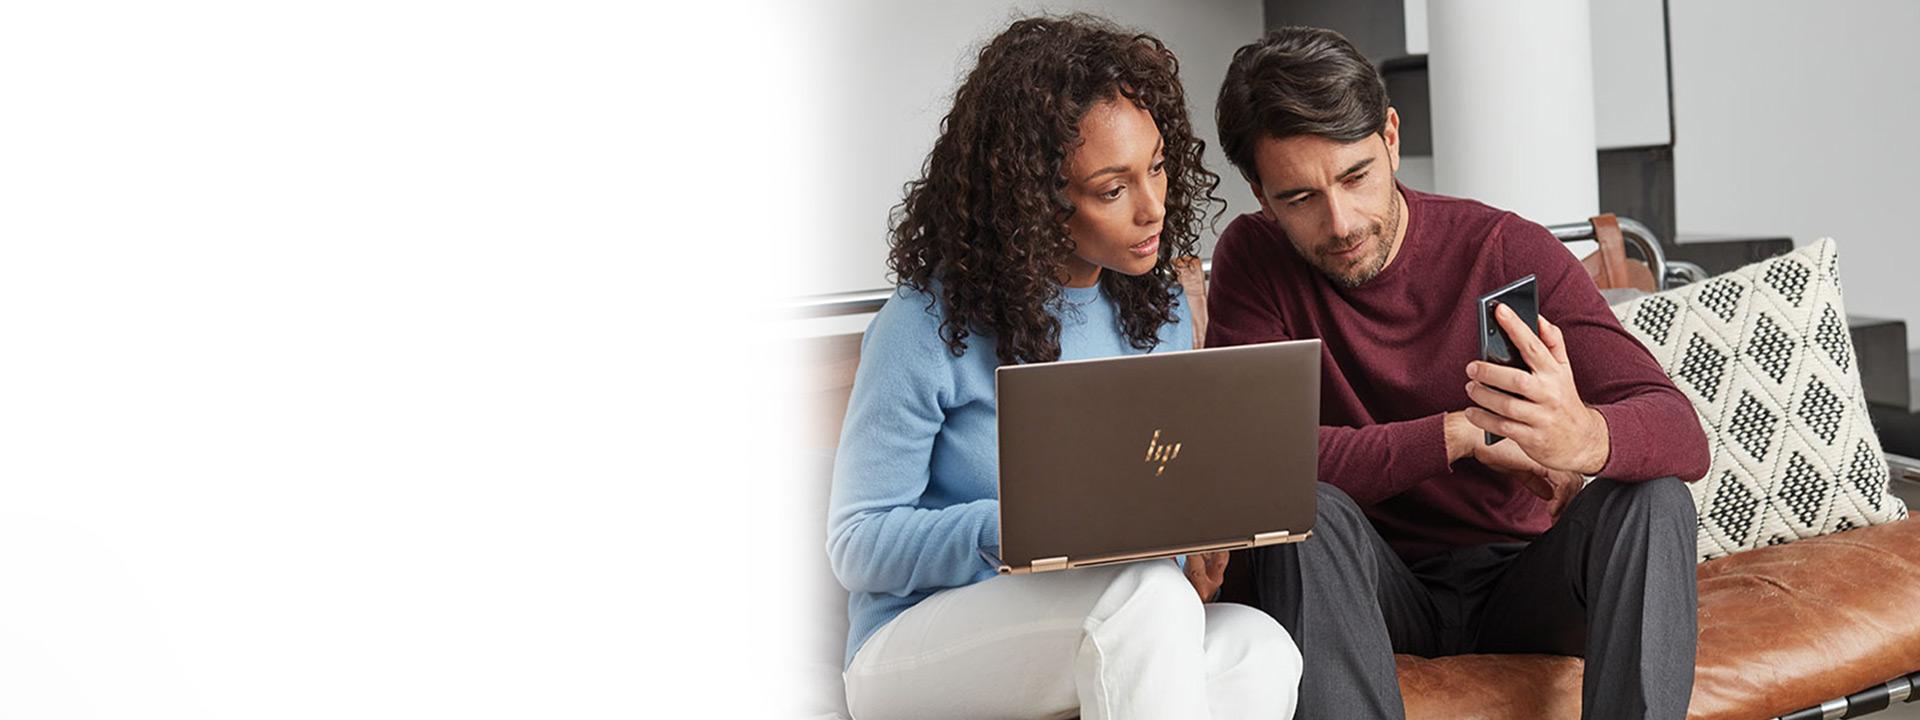 Sohvalla istuva nainen ja mies katsovat yhdessä Windows 10 -kannettavaa ja mobiililaitetta.